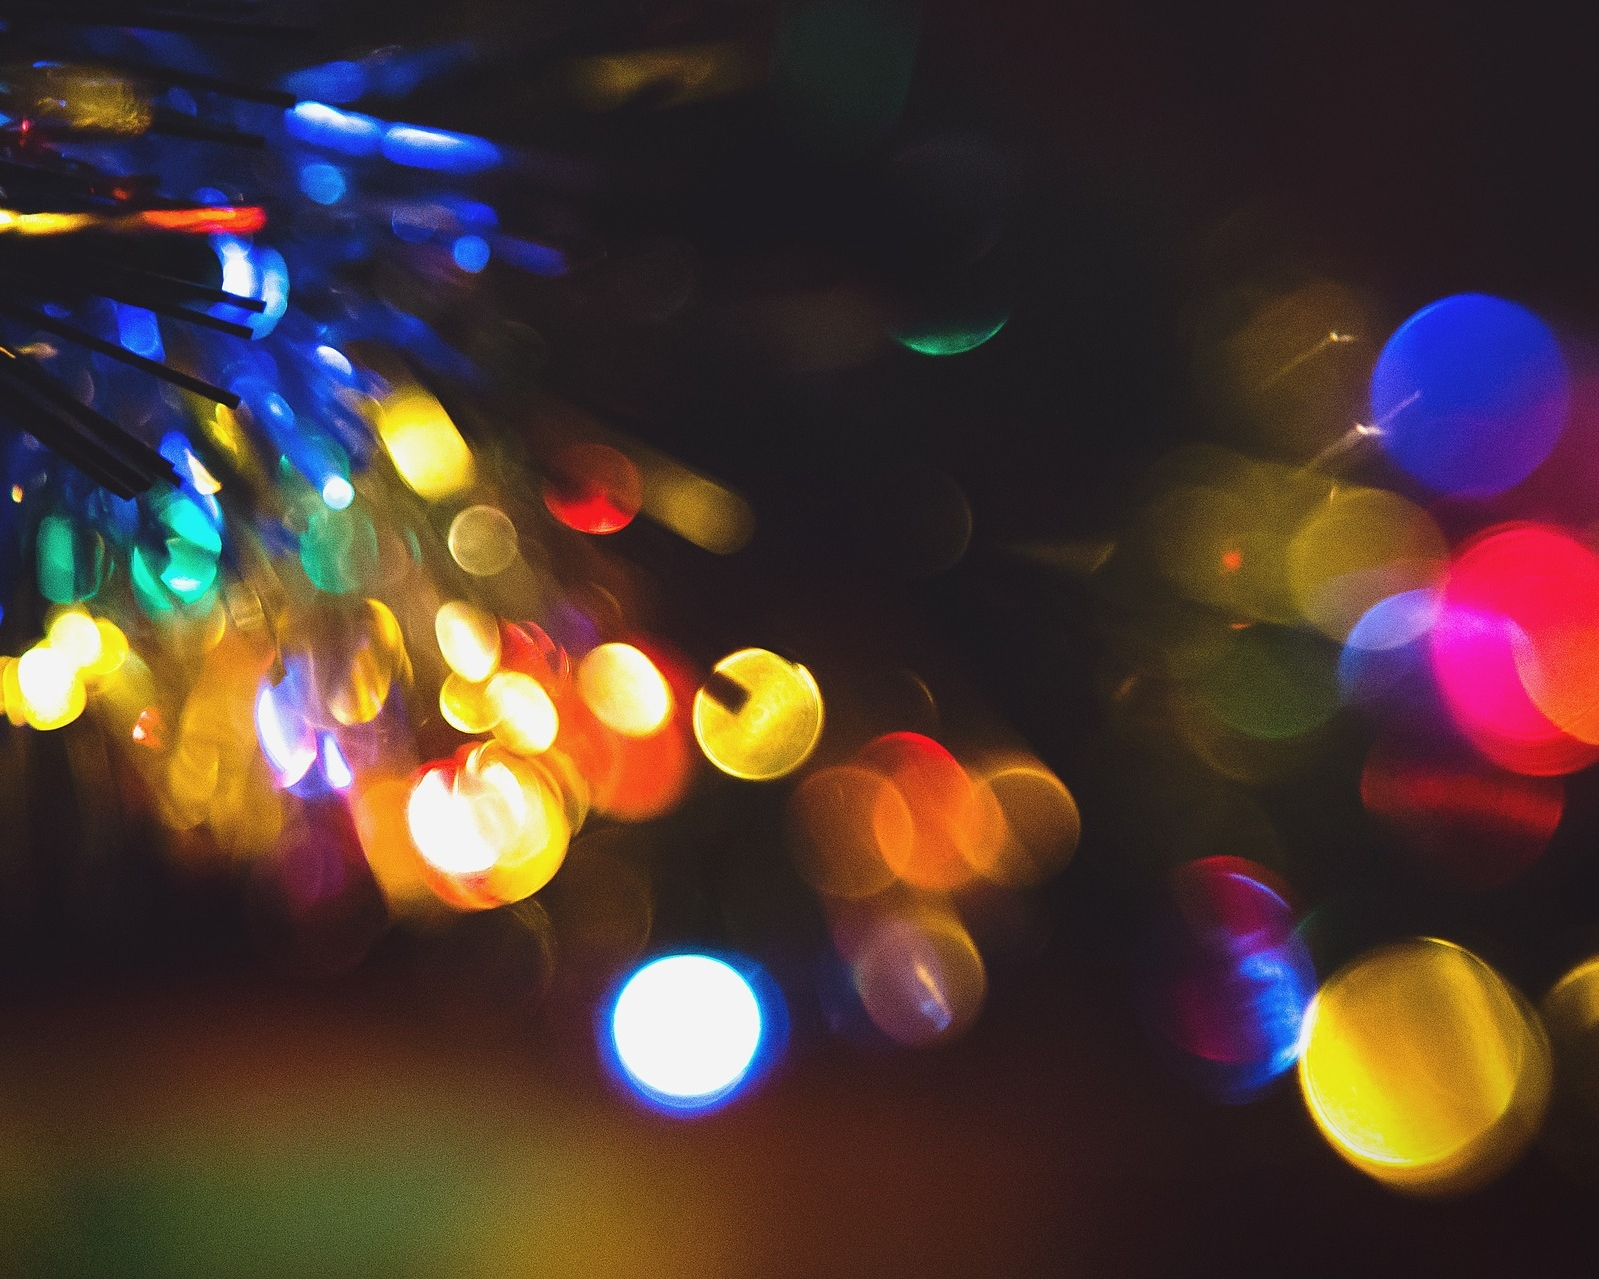 light-932340_1920.jpg